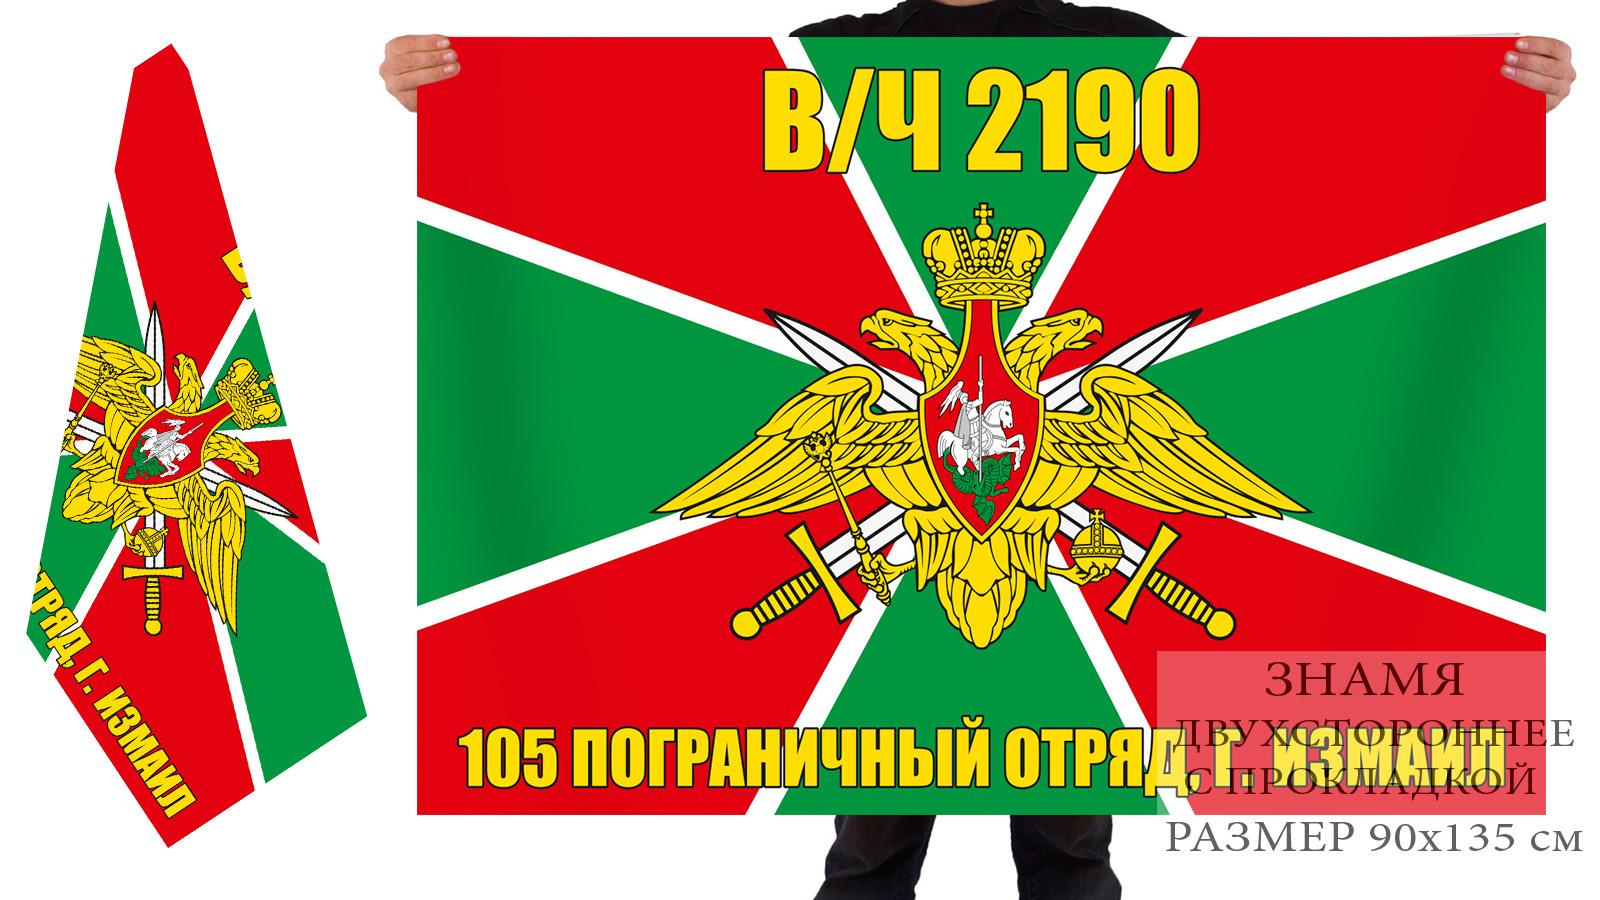 Двухсторонний пограничный флаг «105 измаильский ПогО, в/ч 2190»